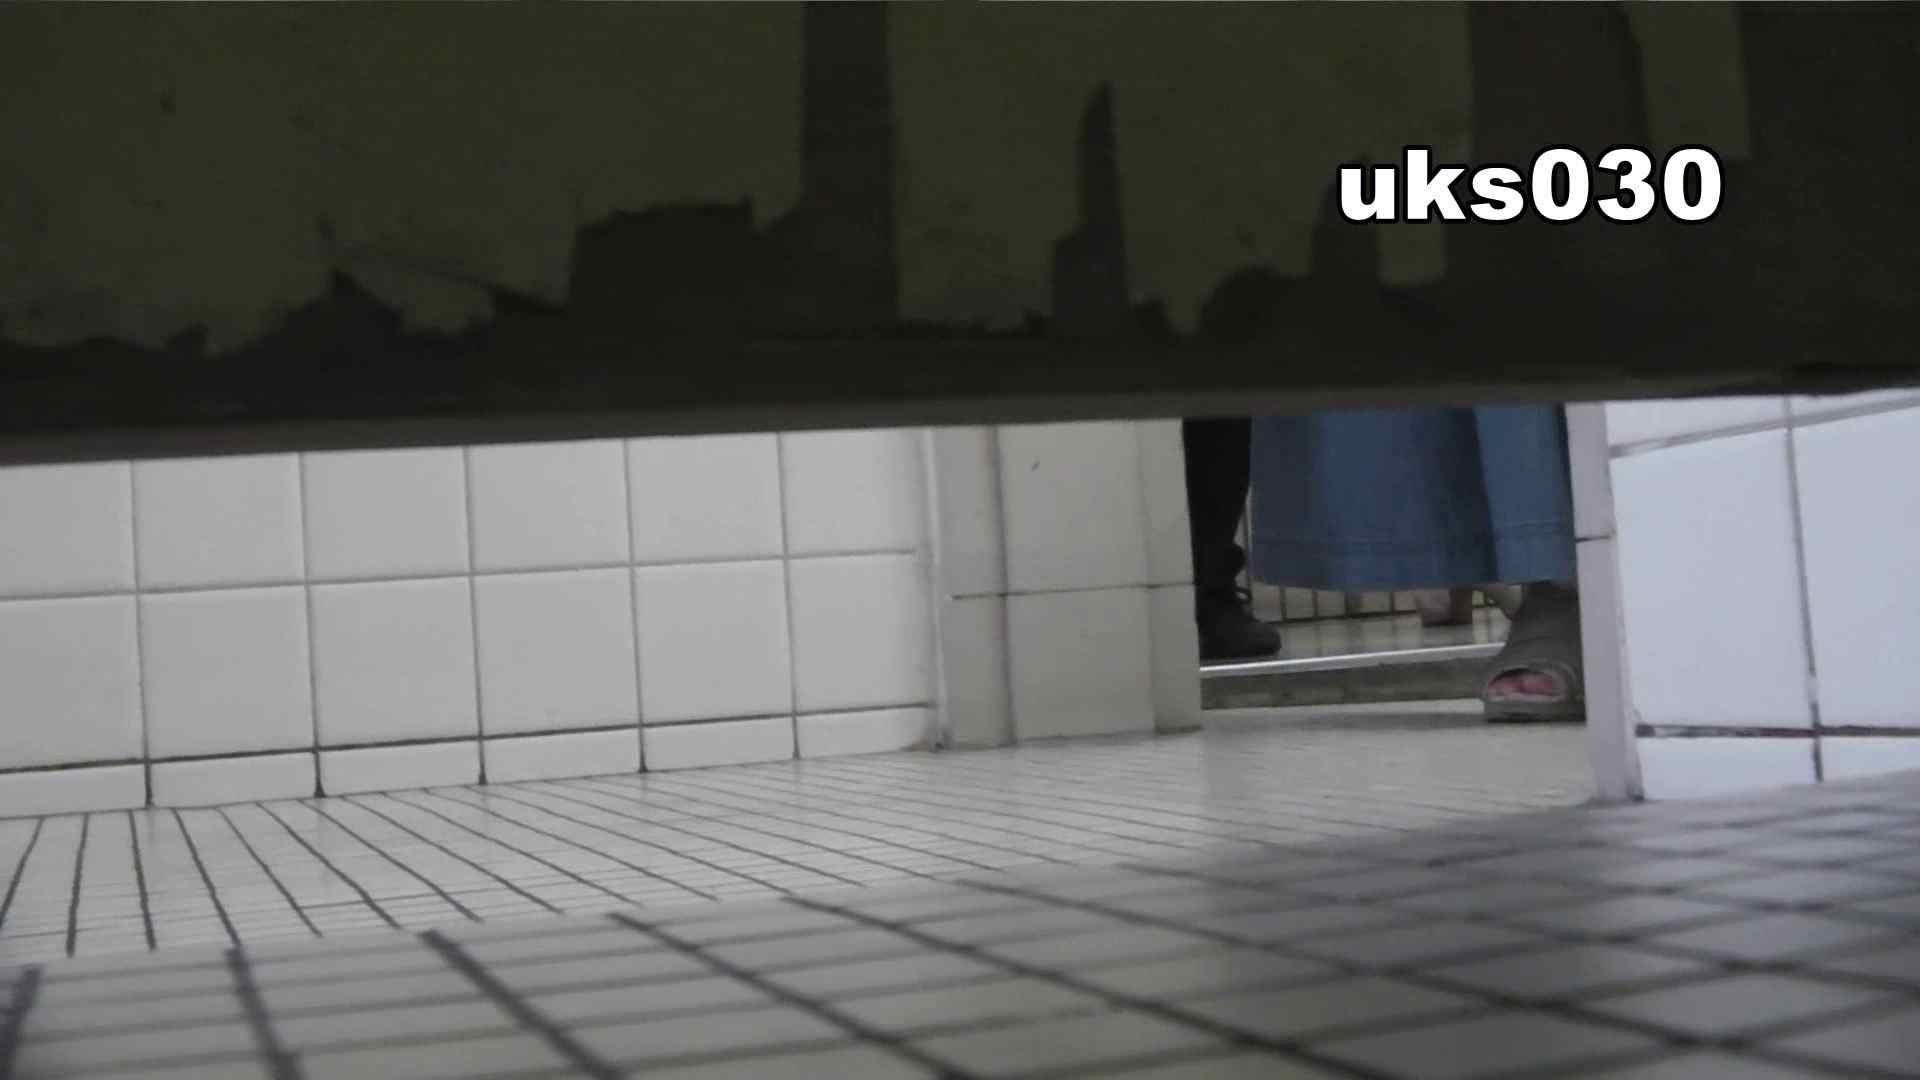 洗面所特攻隊 vol.030 特別編 特攻隊とストレートマニアのCJ対決!! 洗面所 | エッチなOL  102枚 75